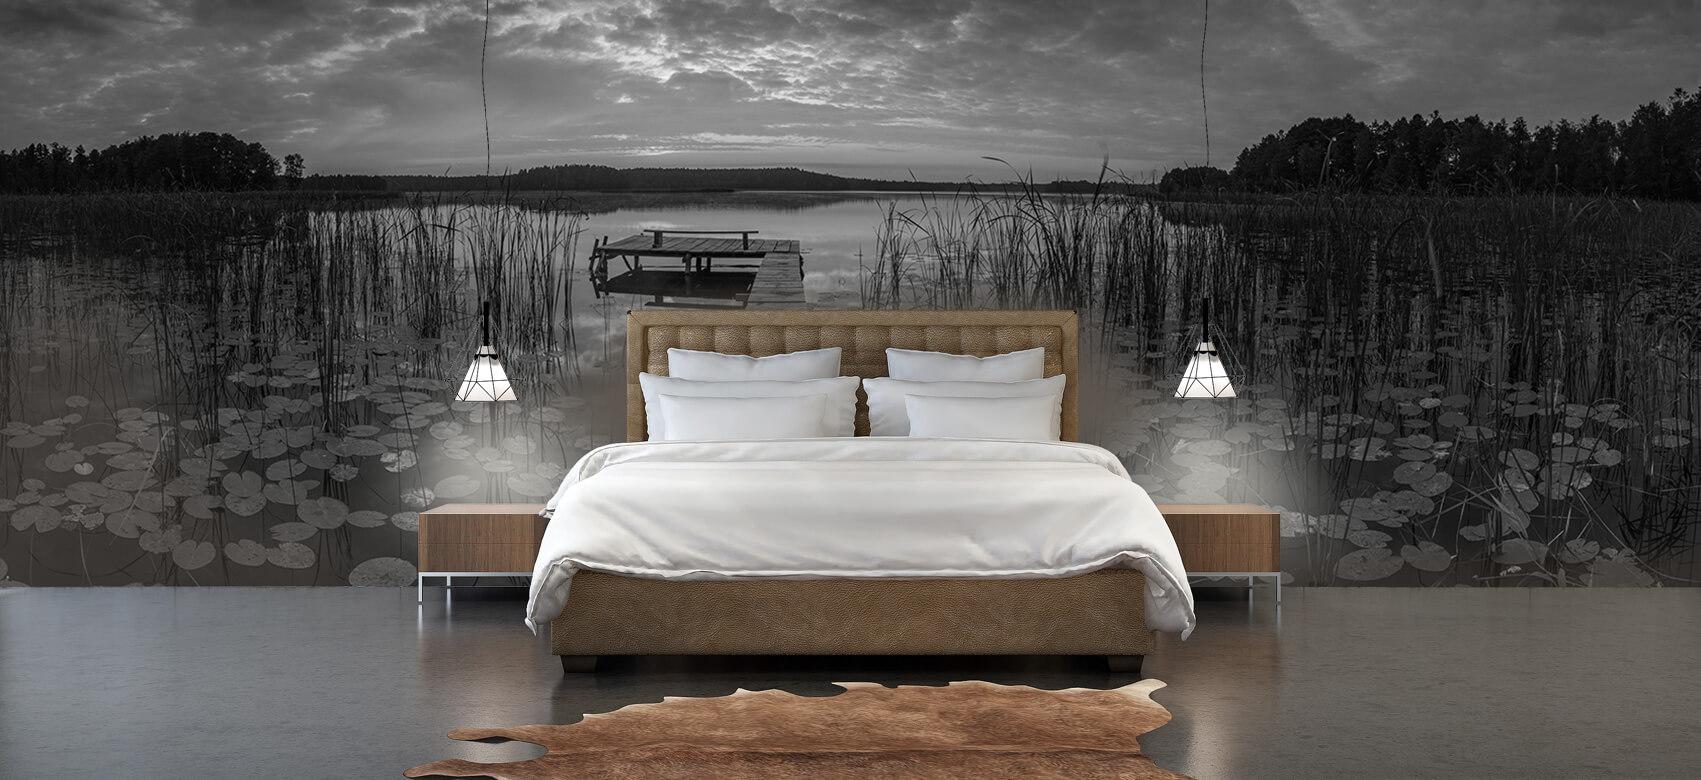 Houten Steigers - Zonsopgang aan het meer - Woonkamer 5